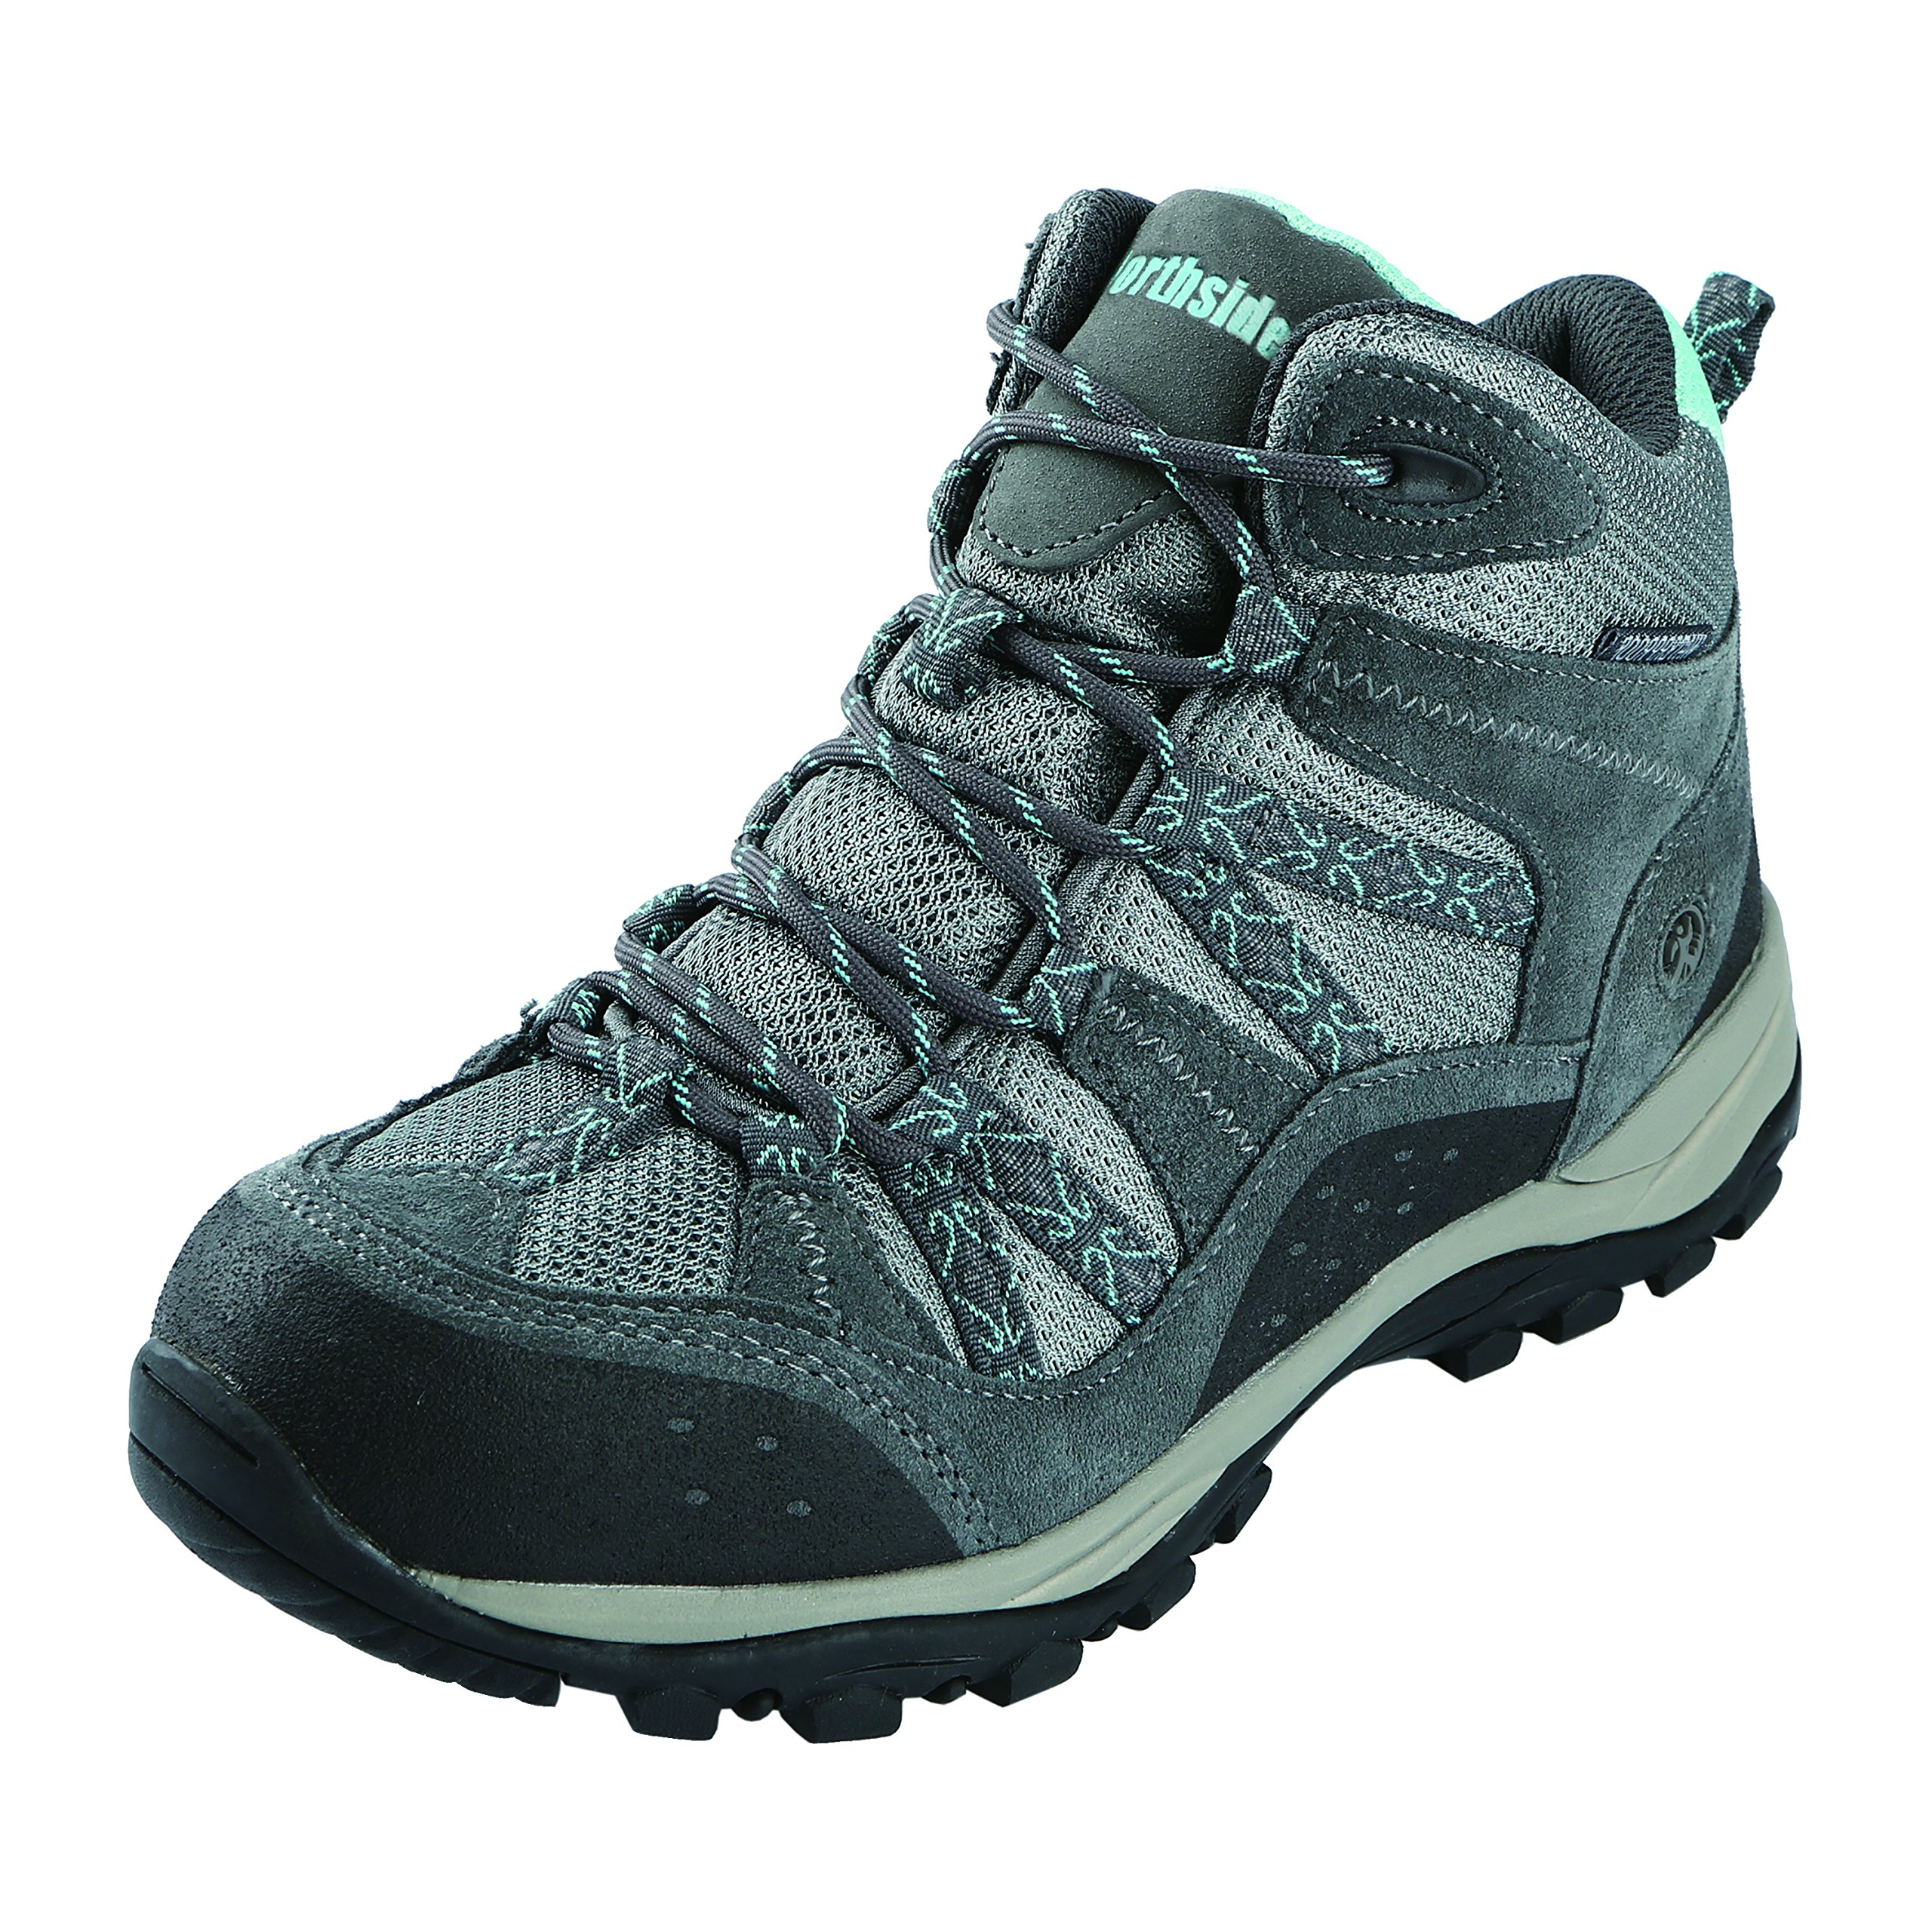 Northside Women's Freemont Waterproof Hiker, Gray/Aqua, 8 m